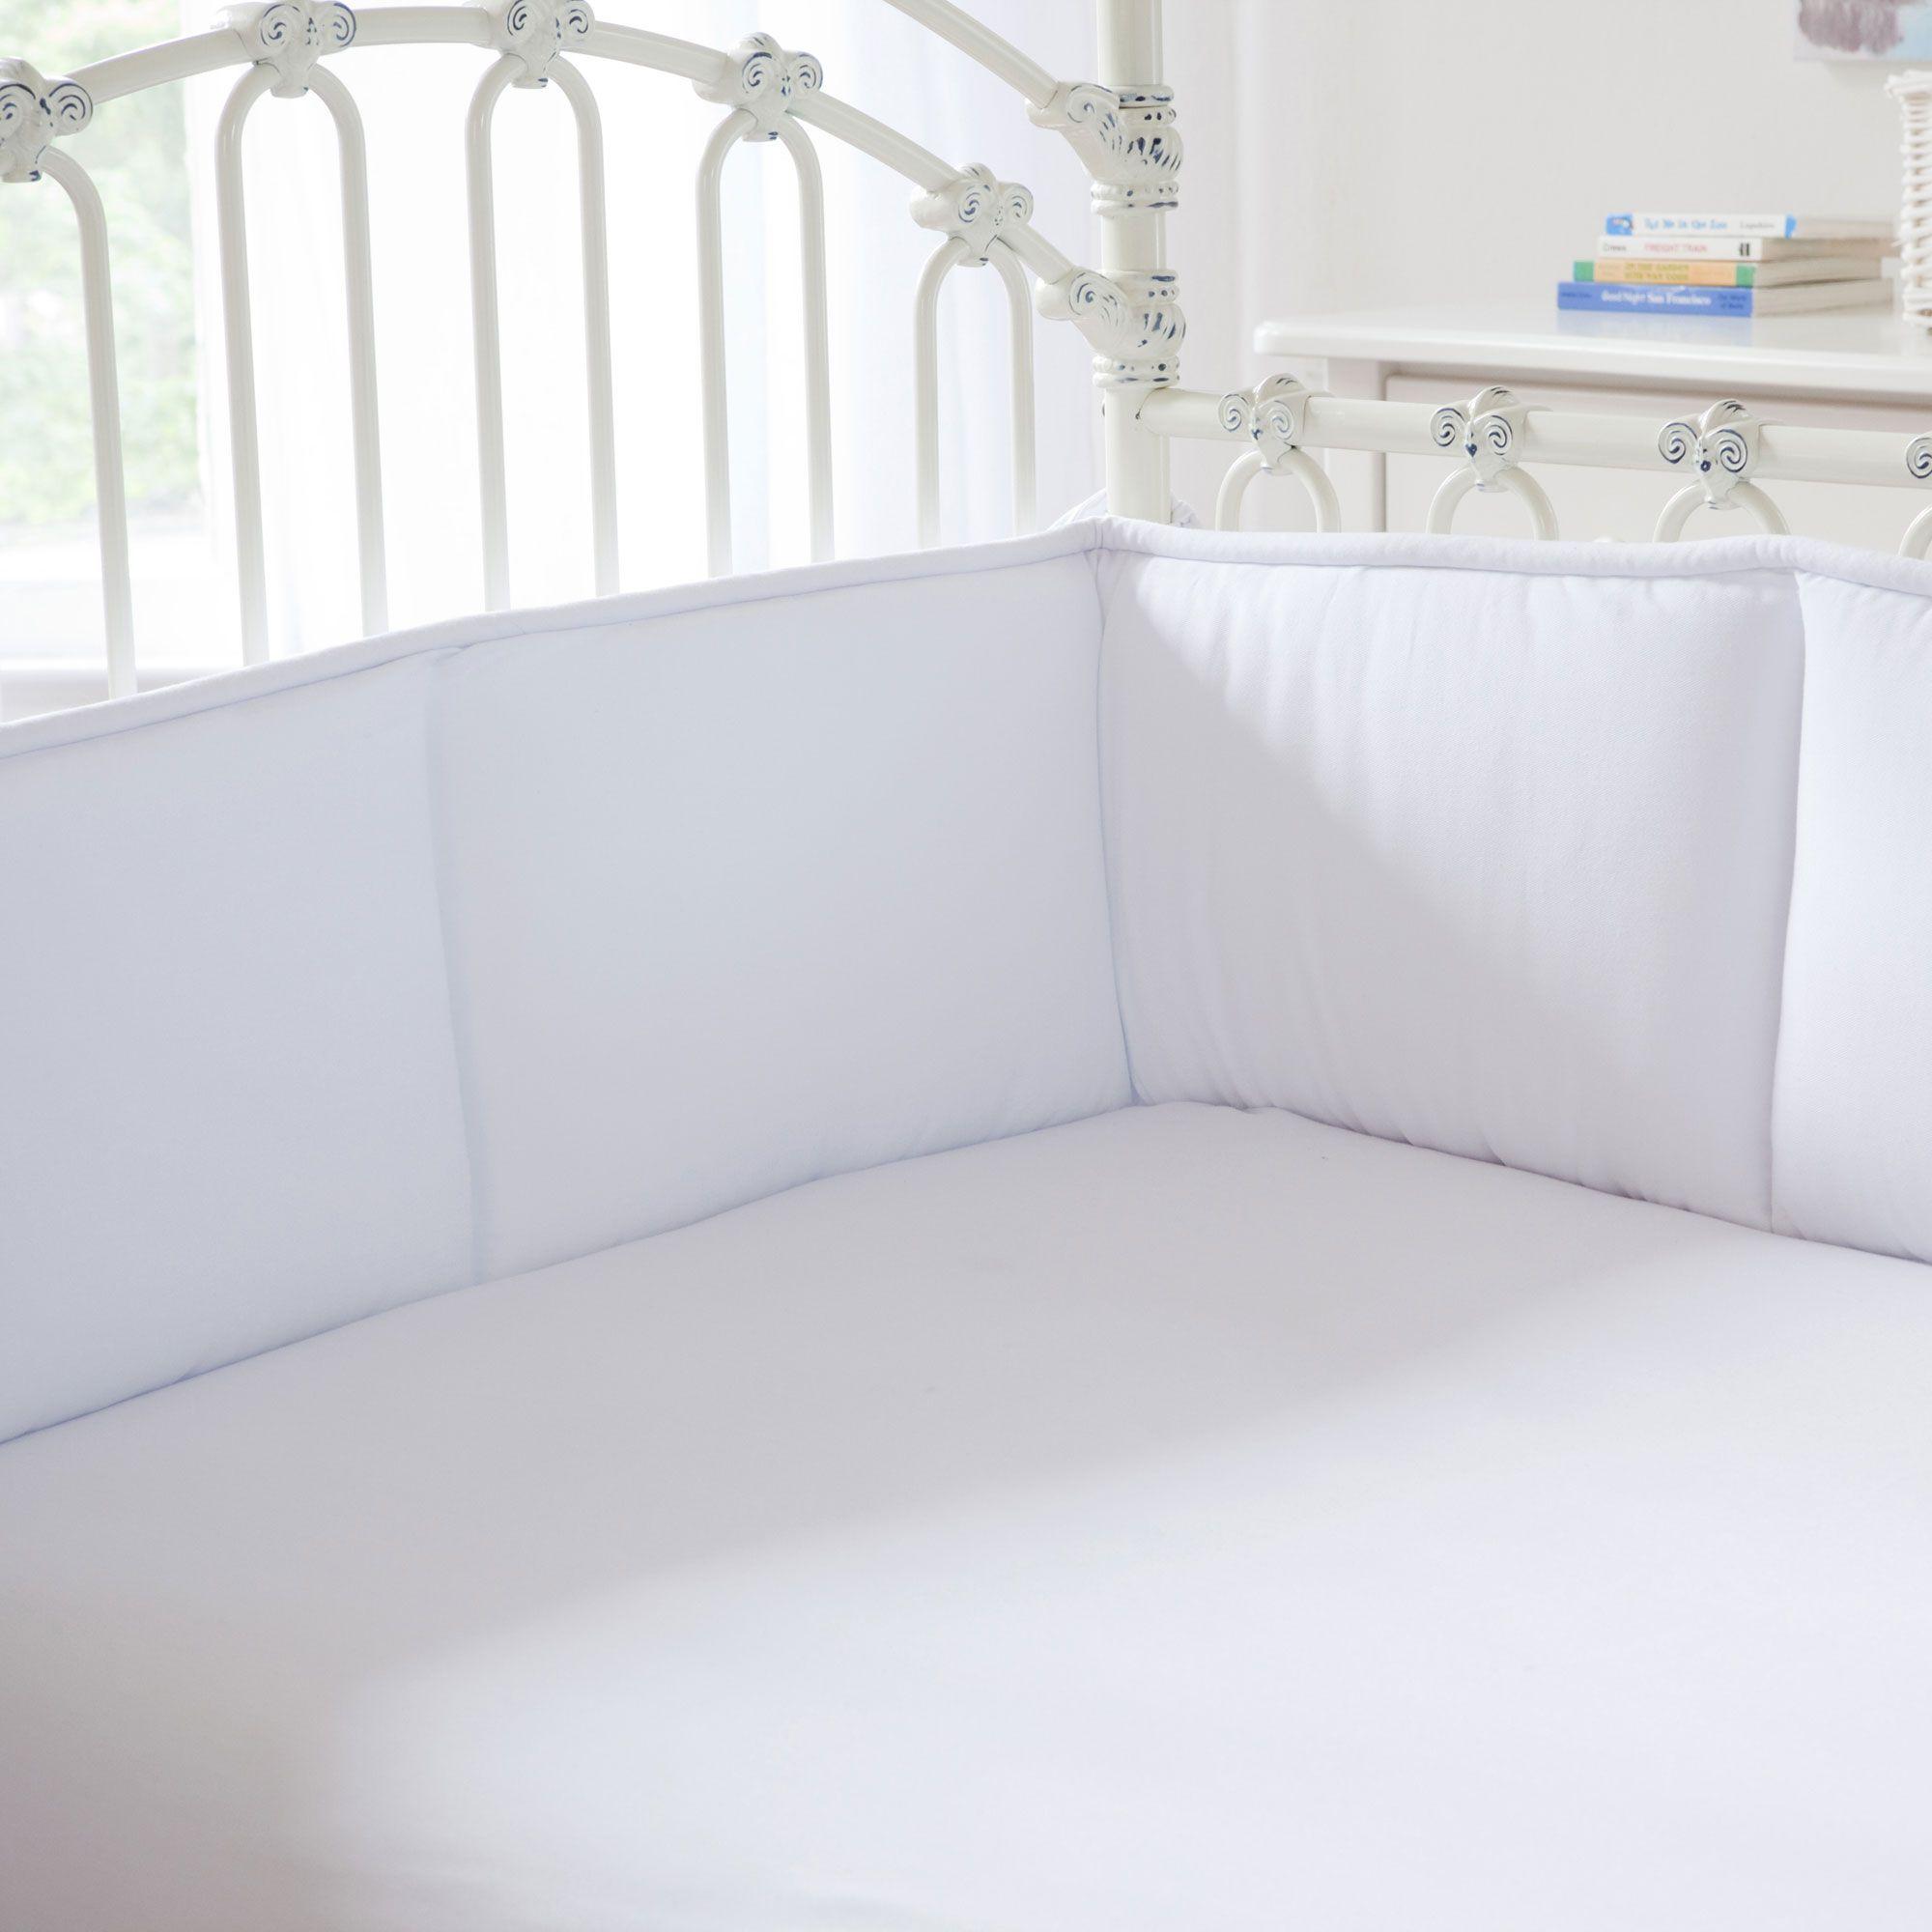 Weißes Kinderbett Informieren Kinderbett weiß